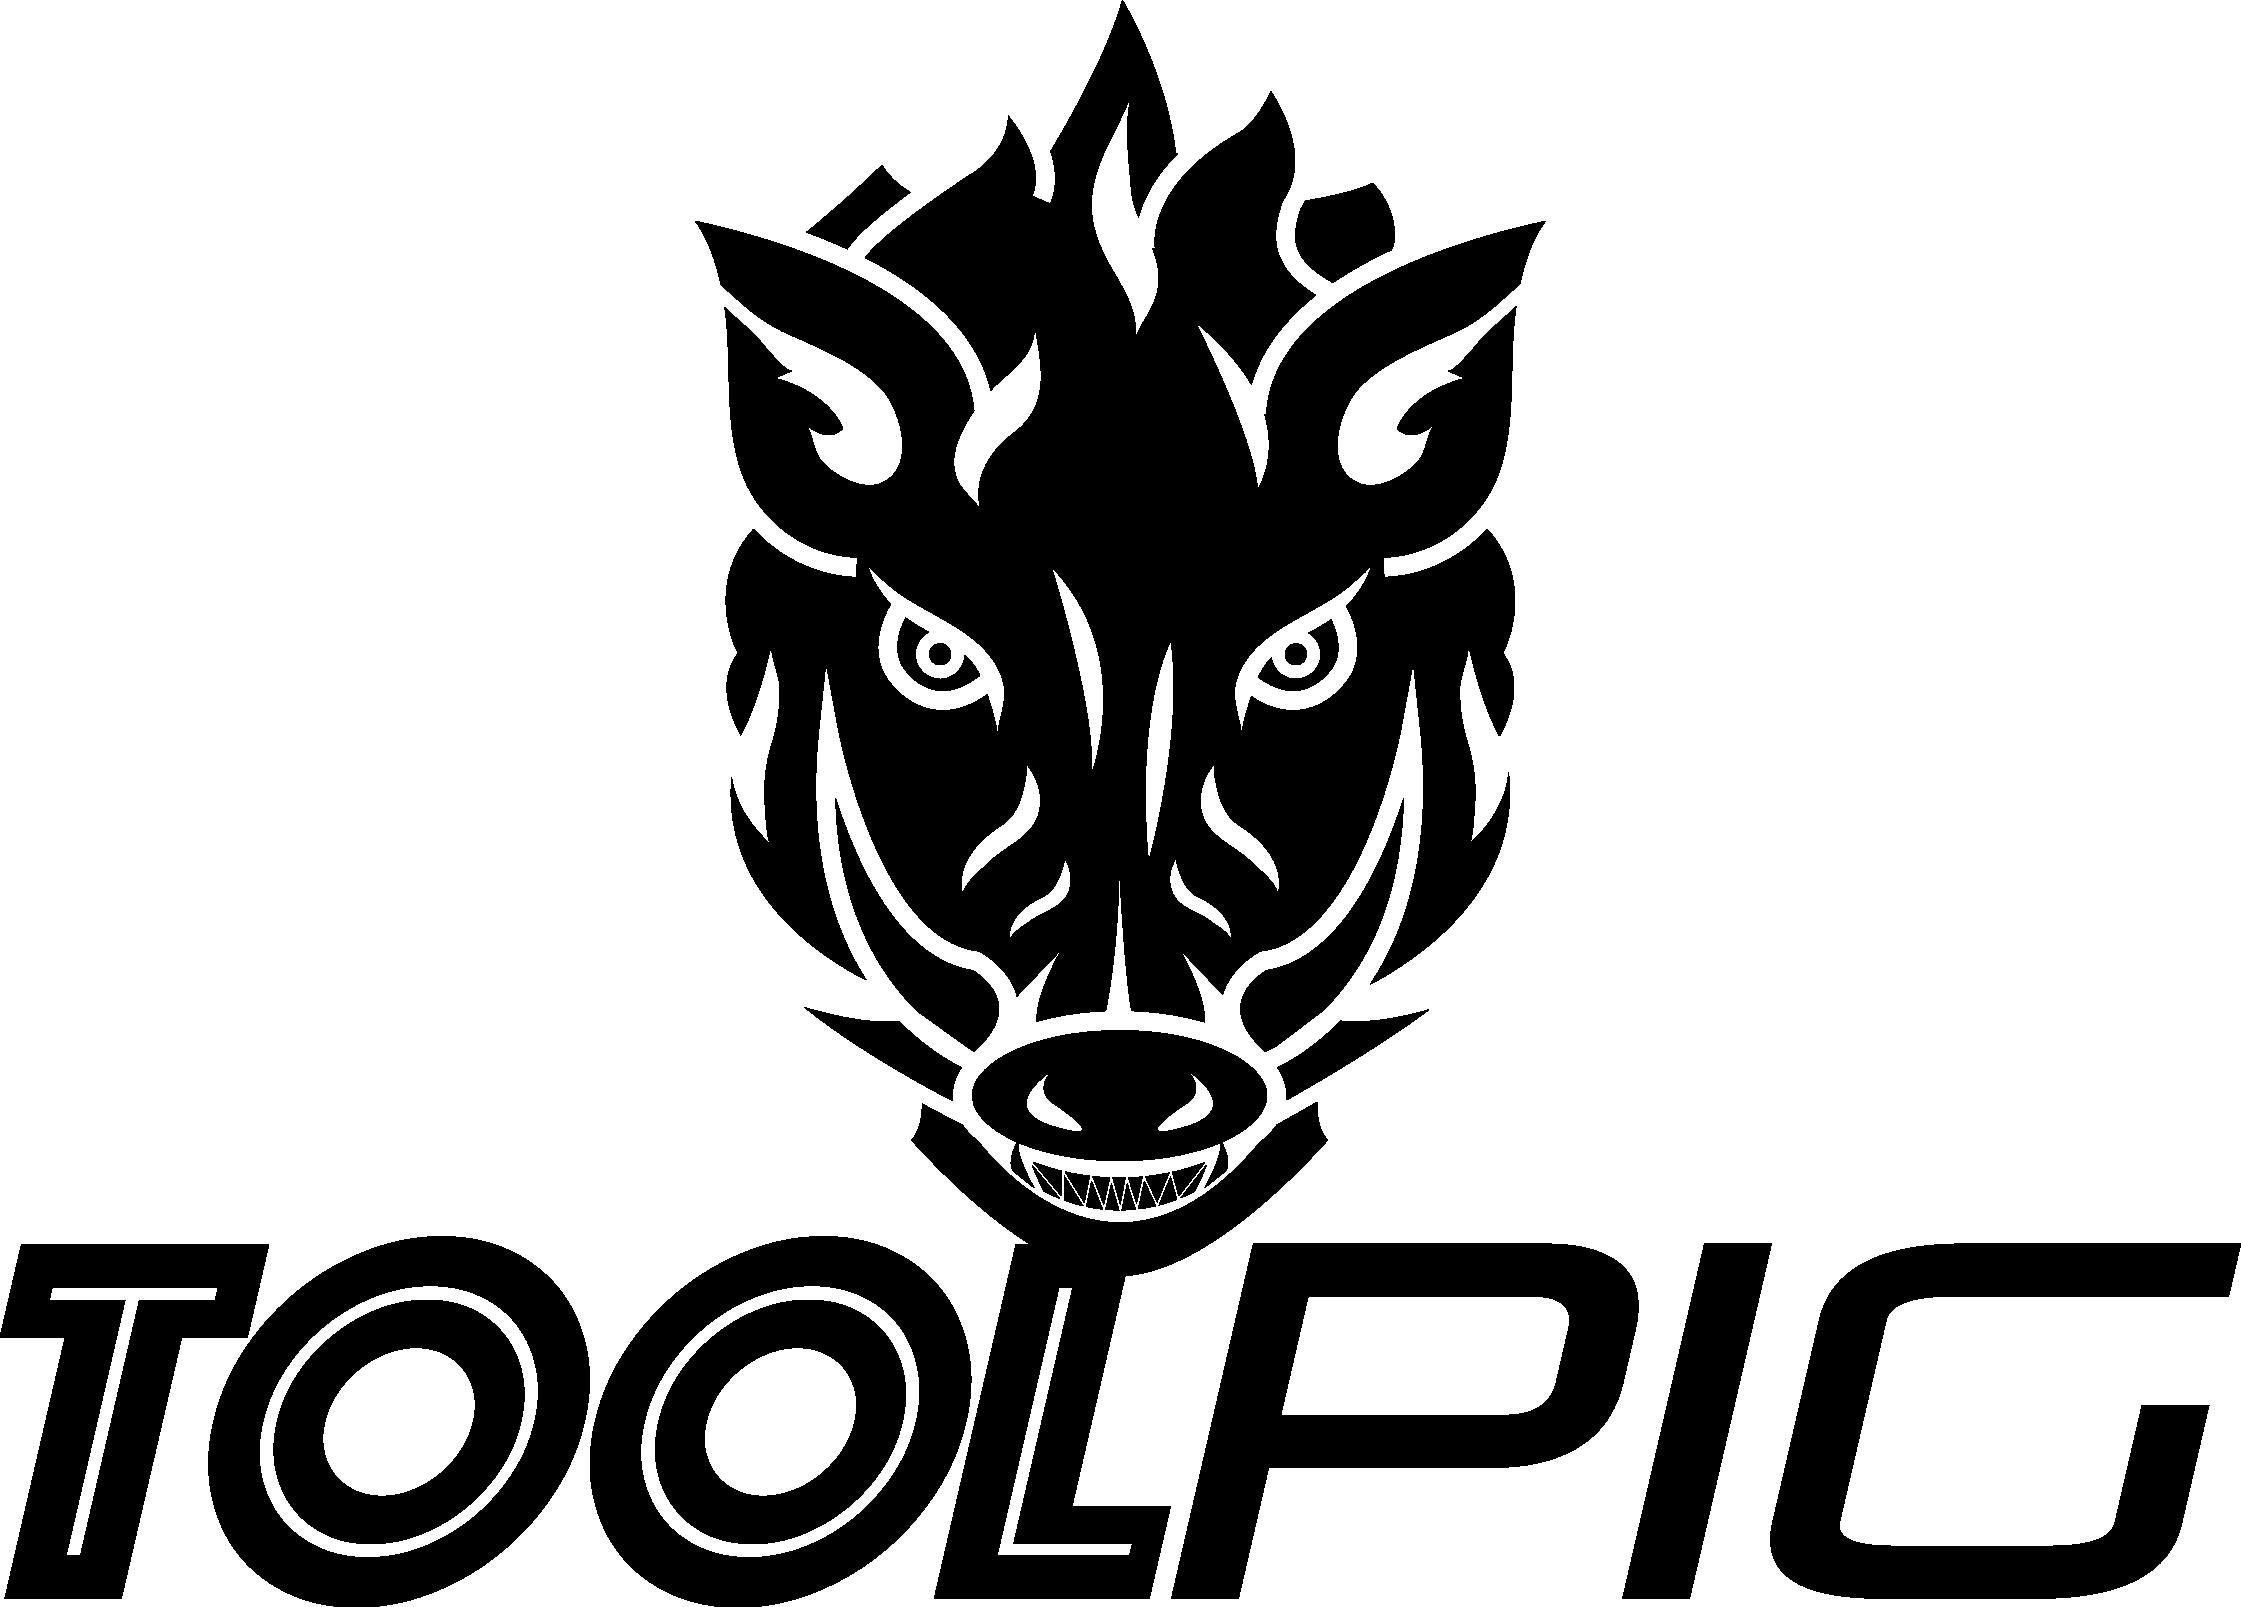 TOOLPIG-Black